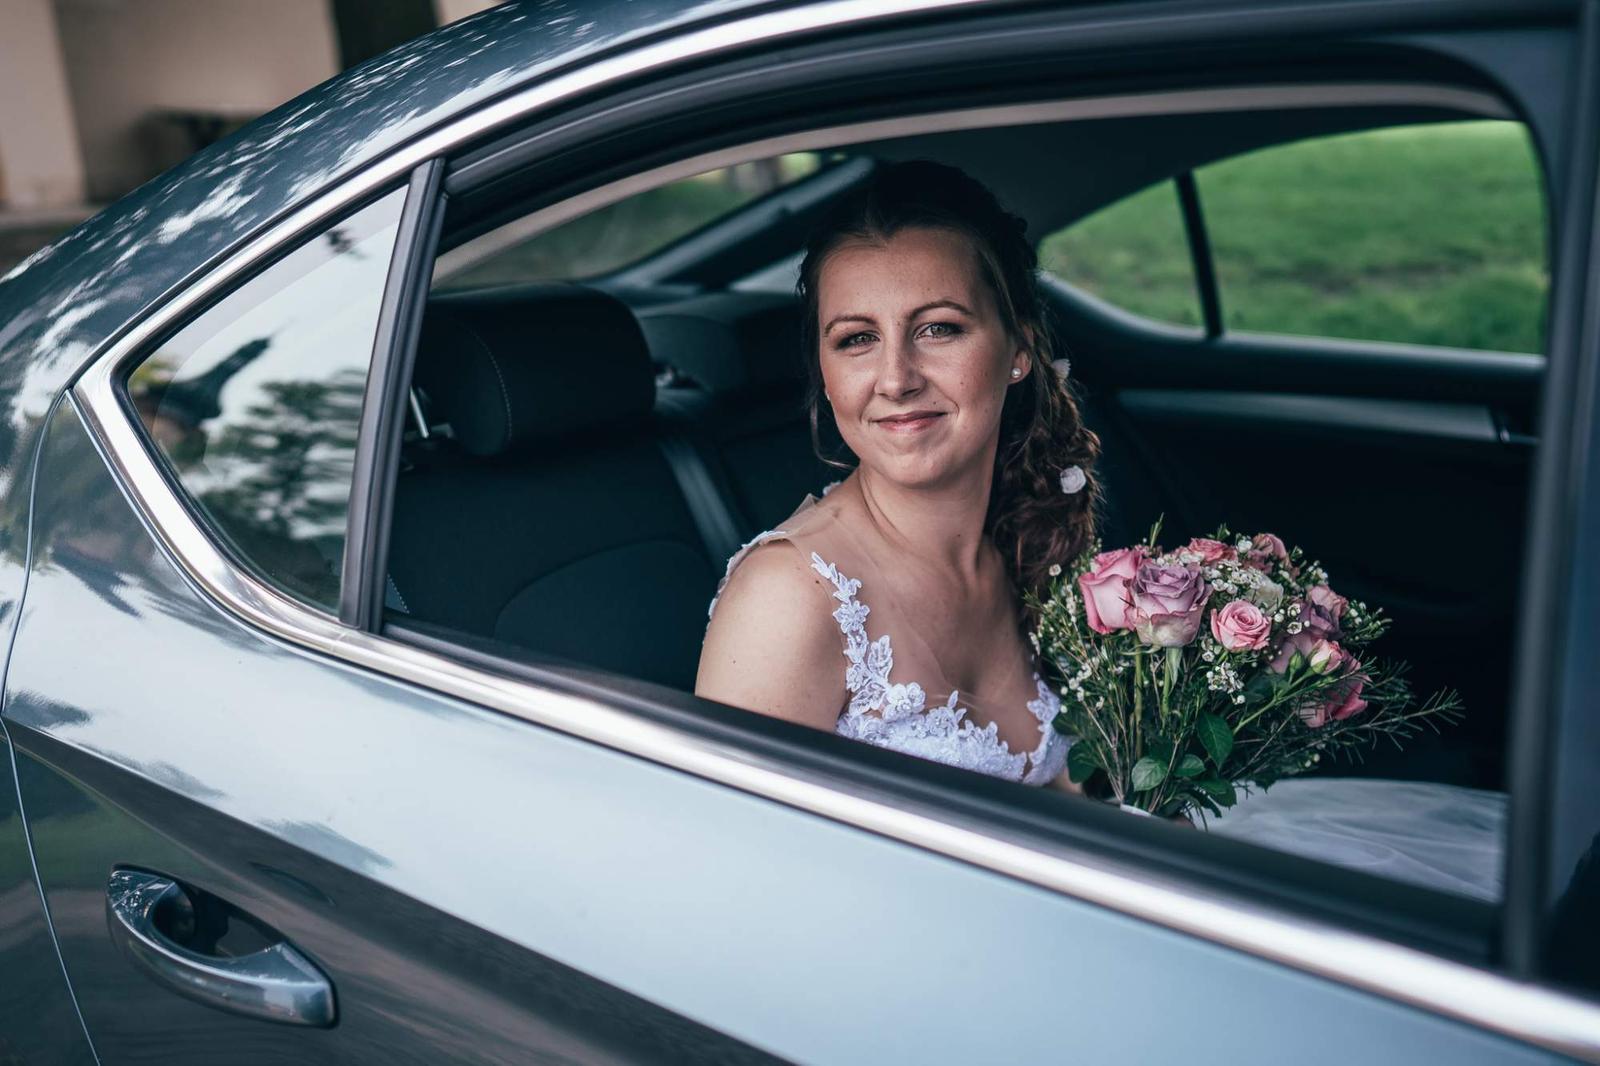 Svatební účesy a líčení - Rezervace 2020 - Obrázek č. 1